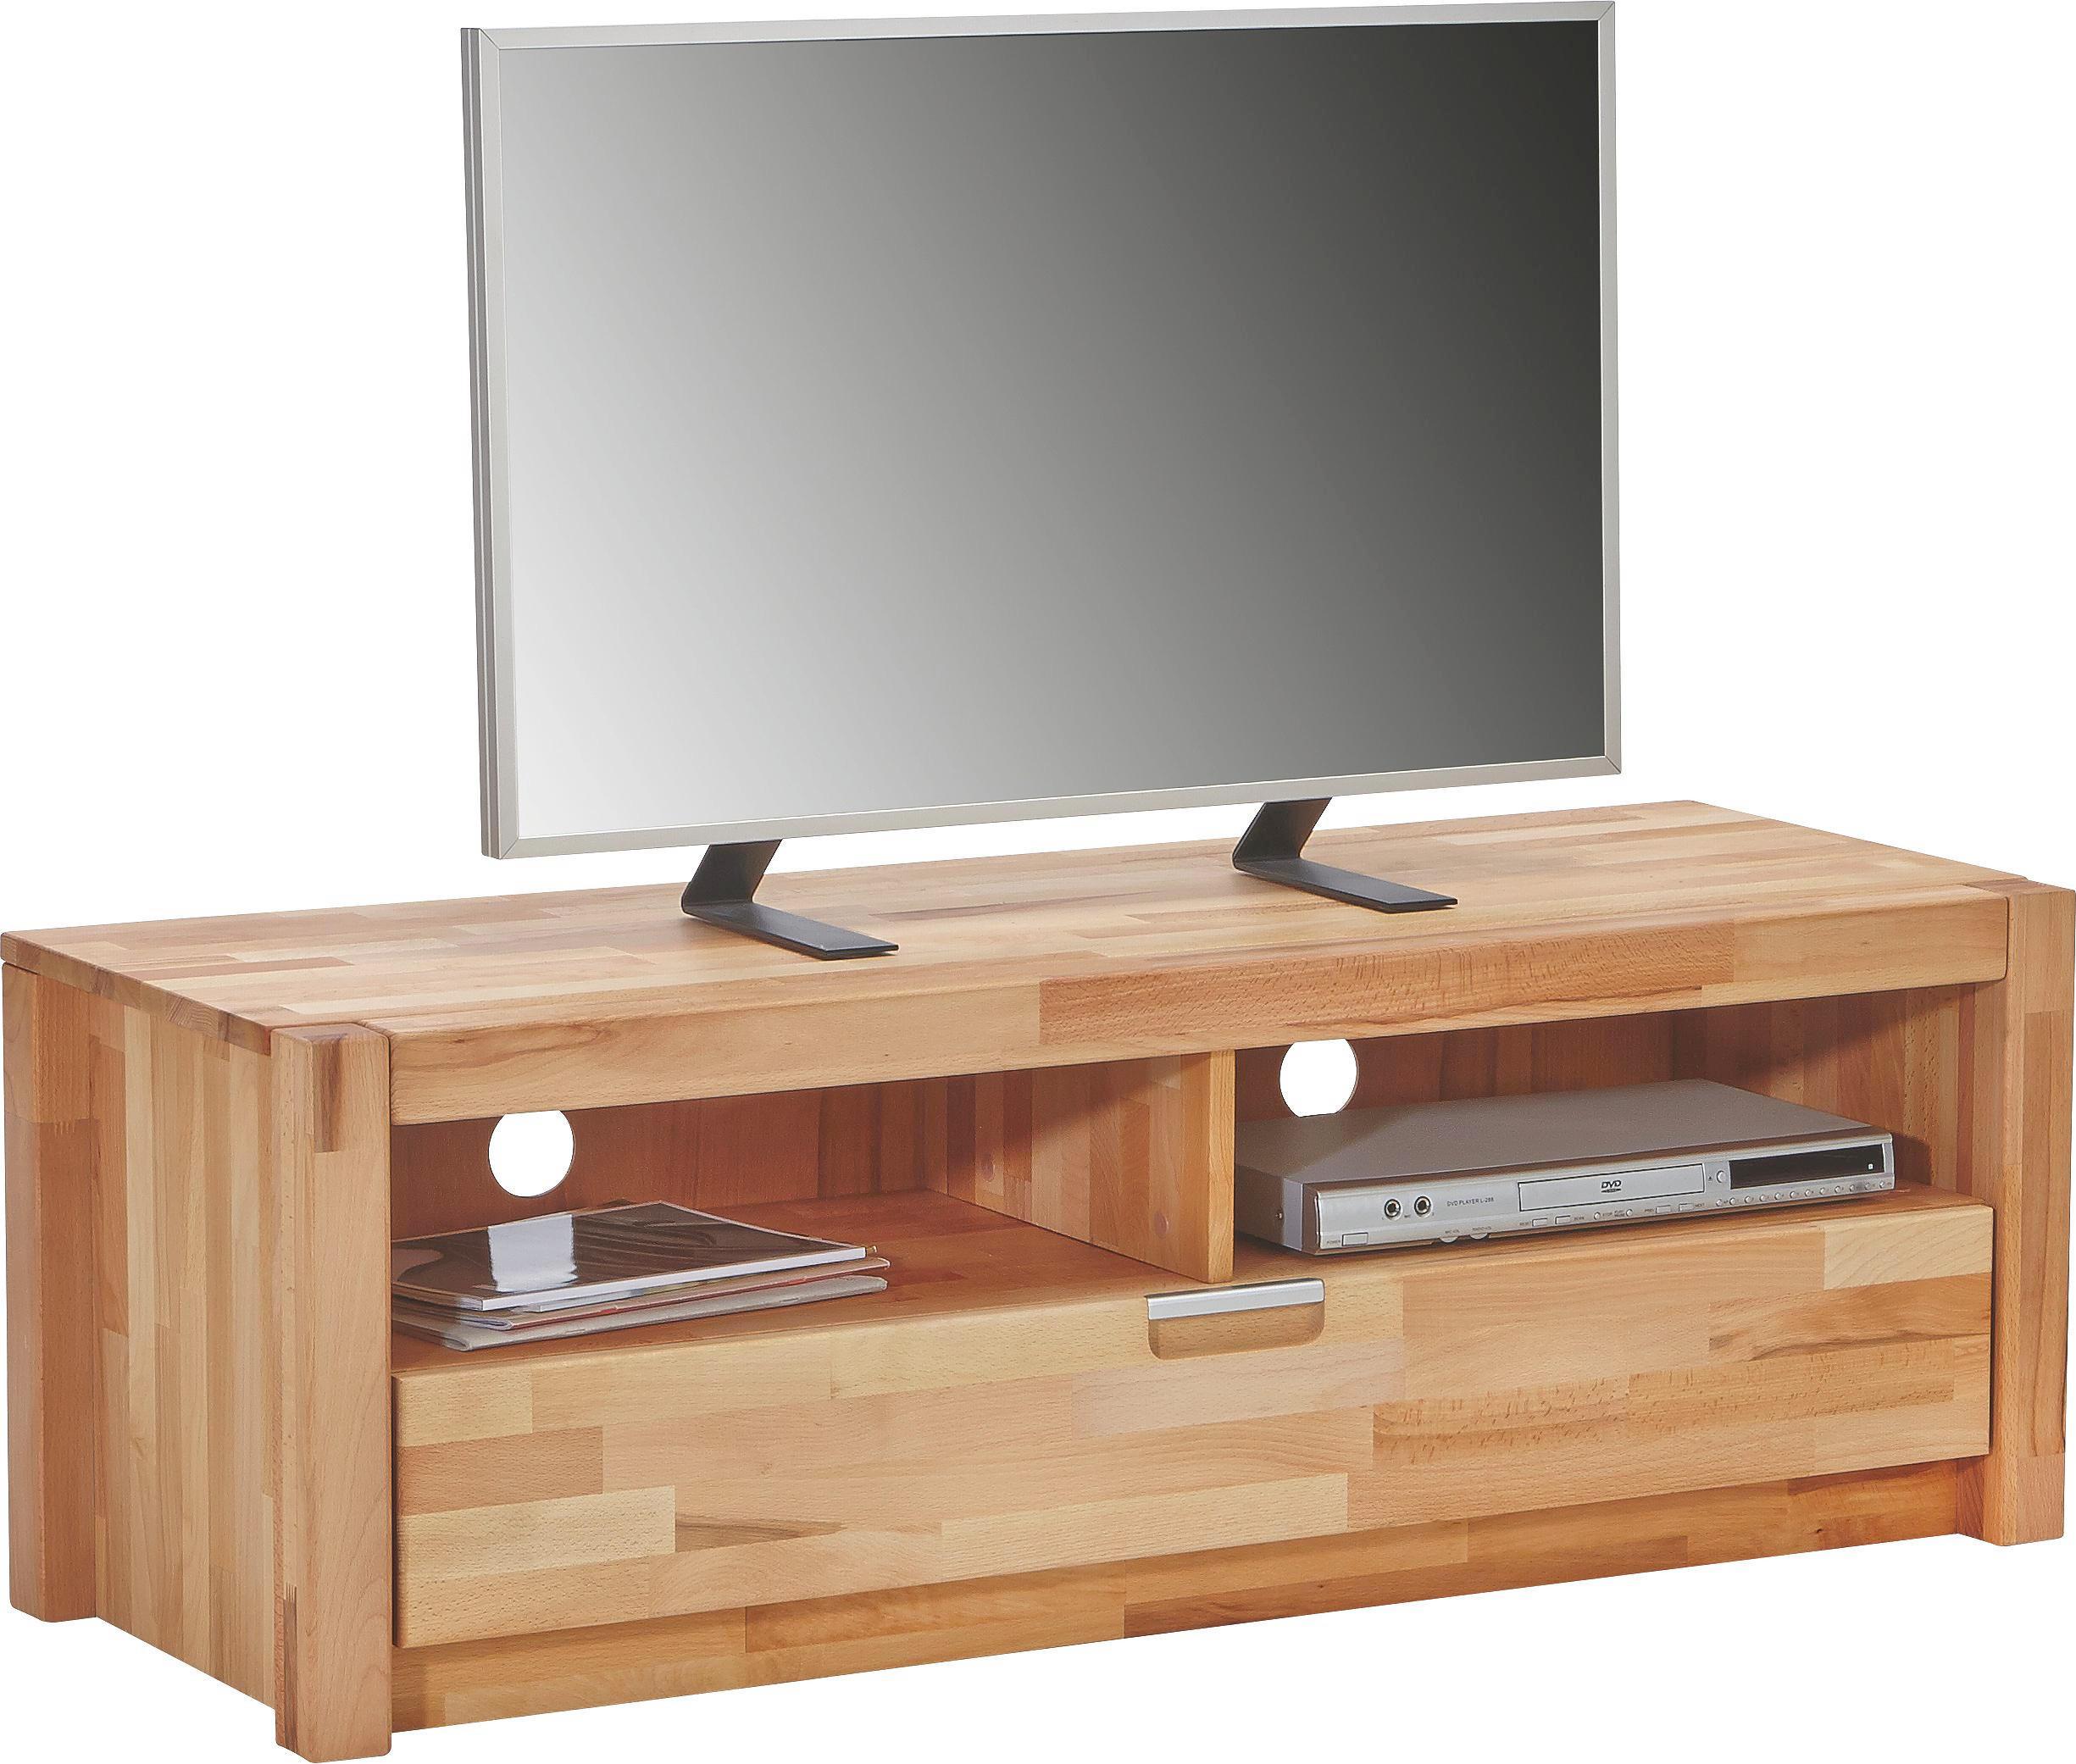 Brilliant Tv Bank Metall Das Beste Von Top Lowboard Buche Dekoration Ideen With Buche.